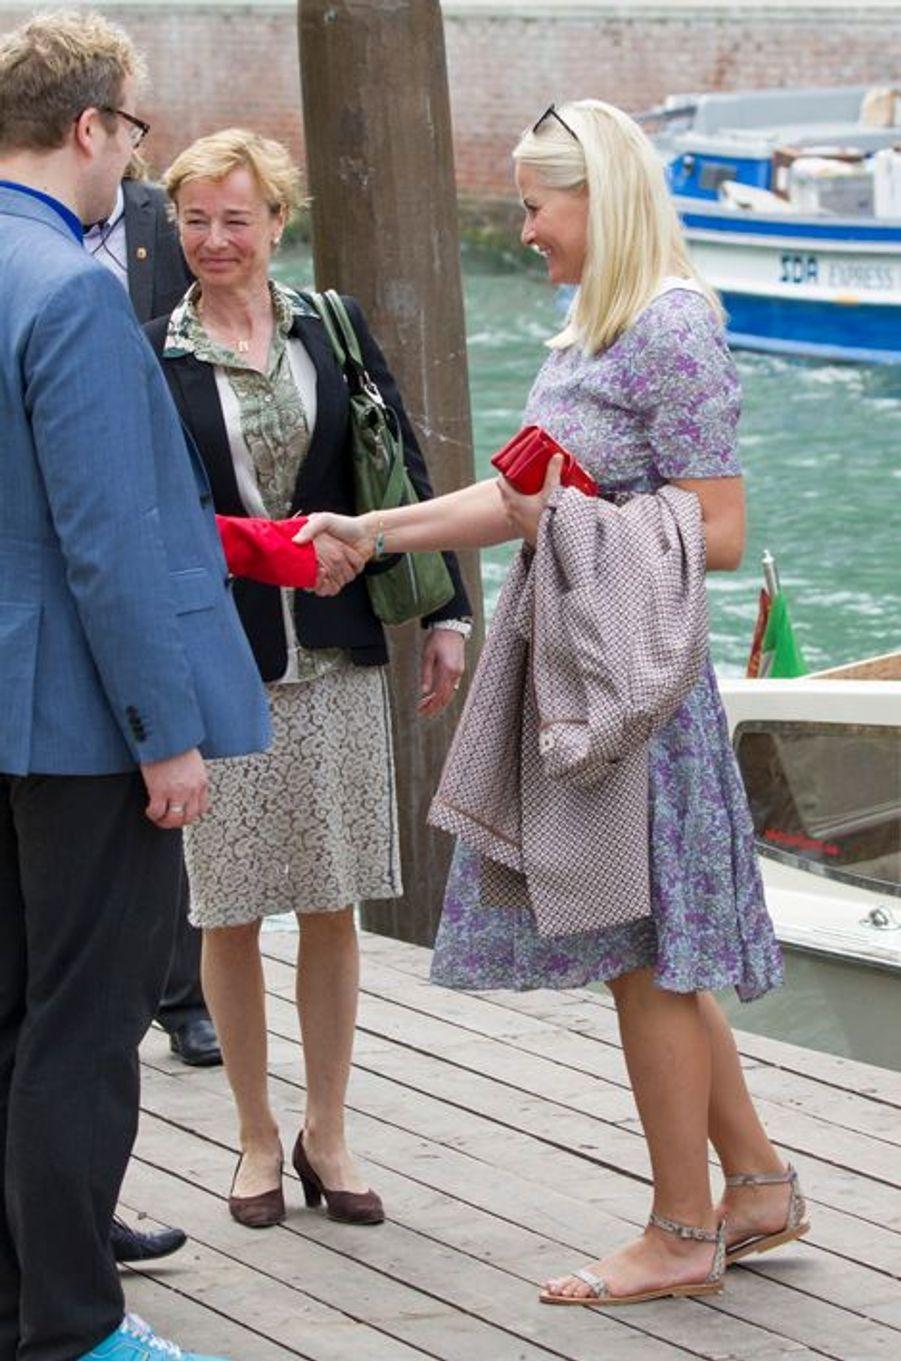 La princesse Mette-Marit de Norvège à Venise, le 6 mai 2015